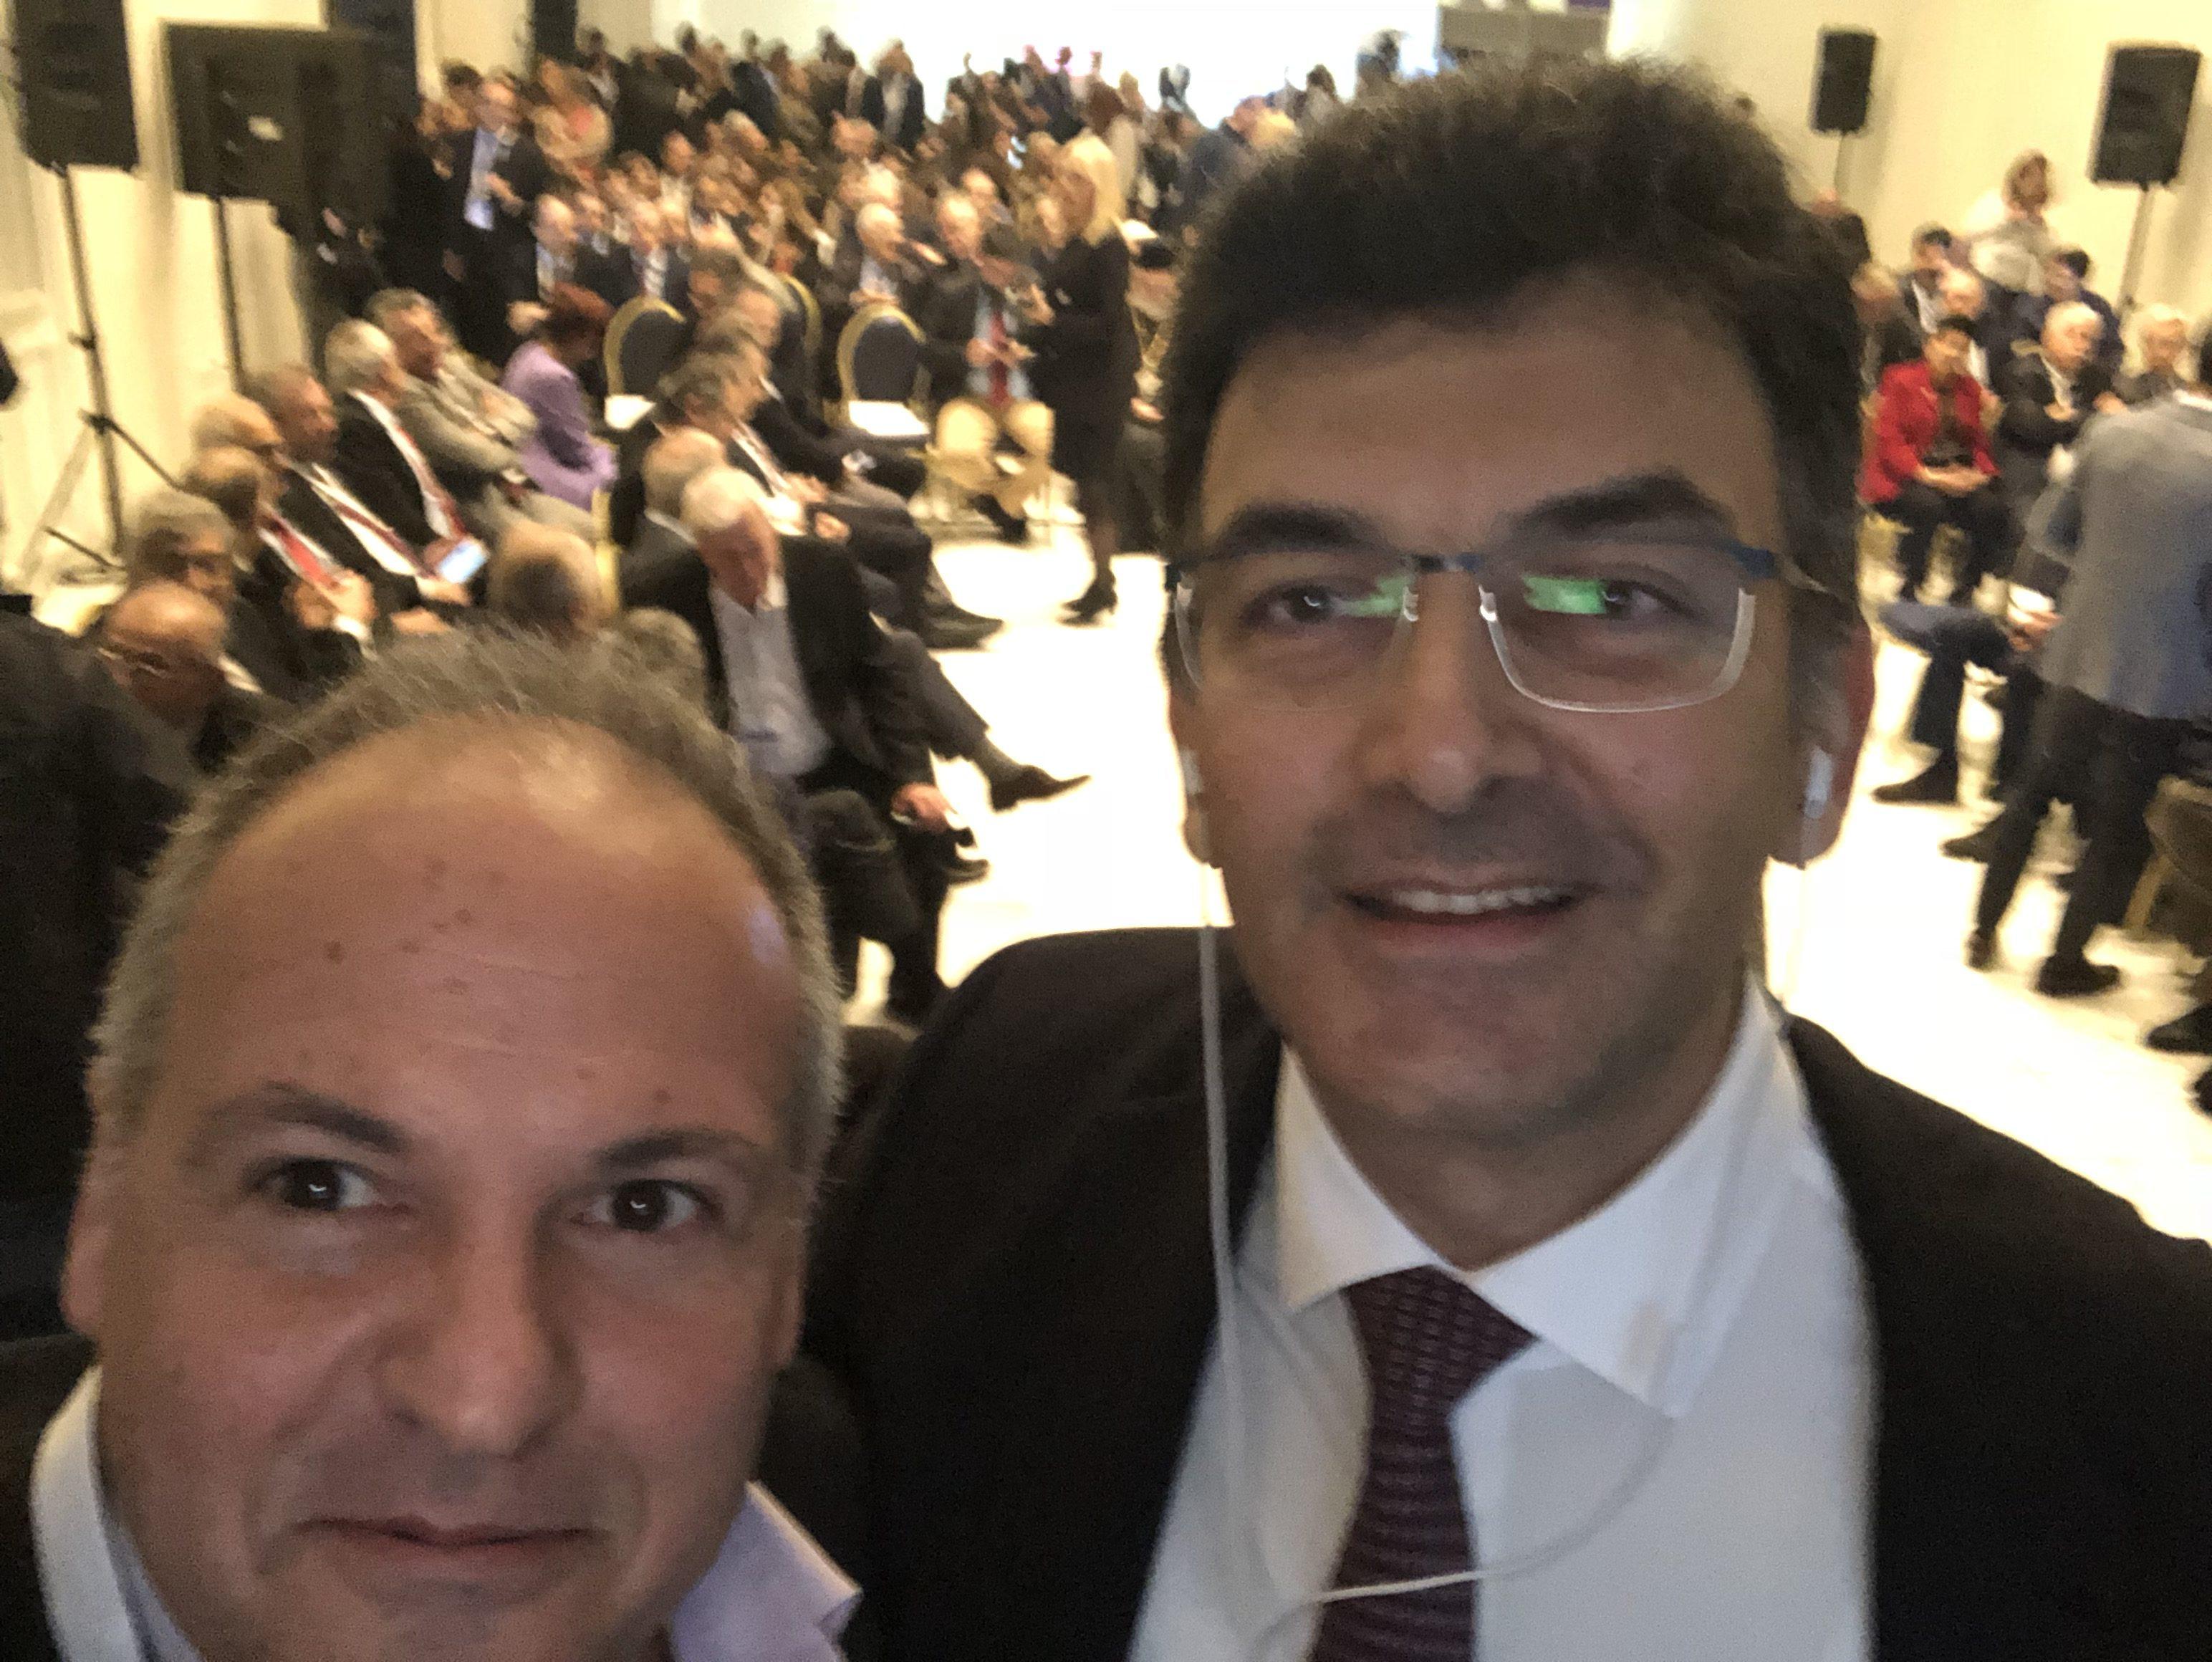 Πανελλήνιο Συνέδριο της Ελληνικής ΚαρδιοΘωρακοΧειρουργικής Εταιρείας